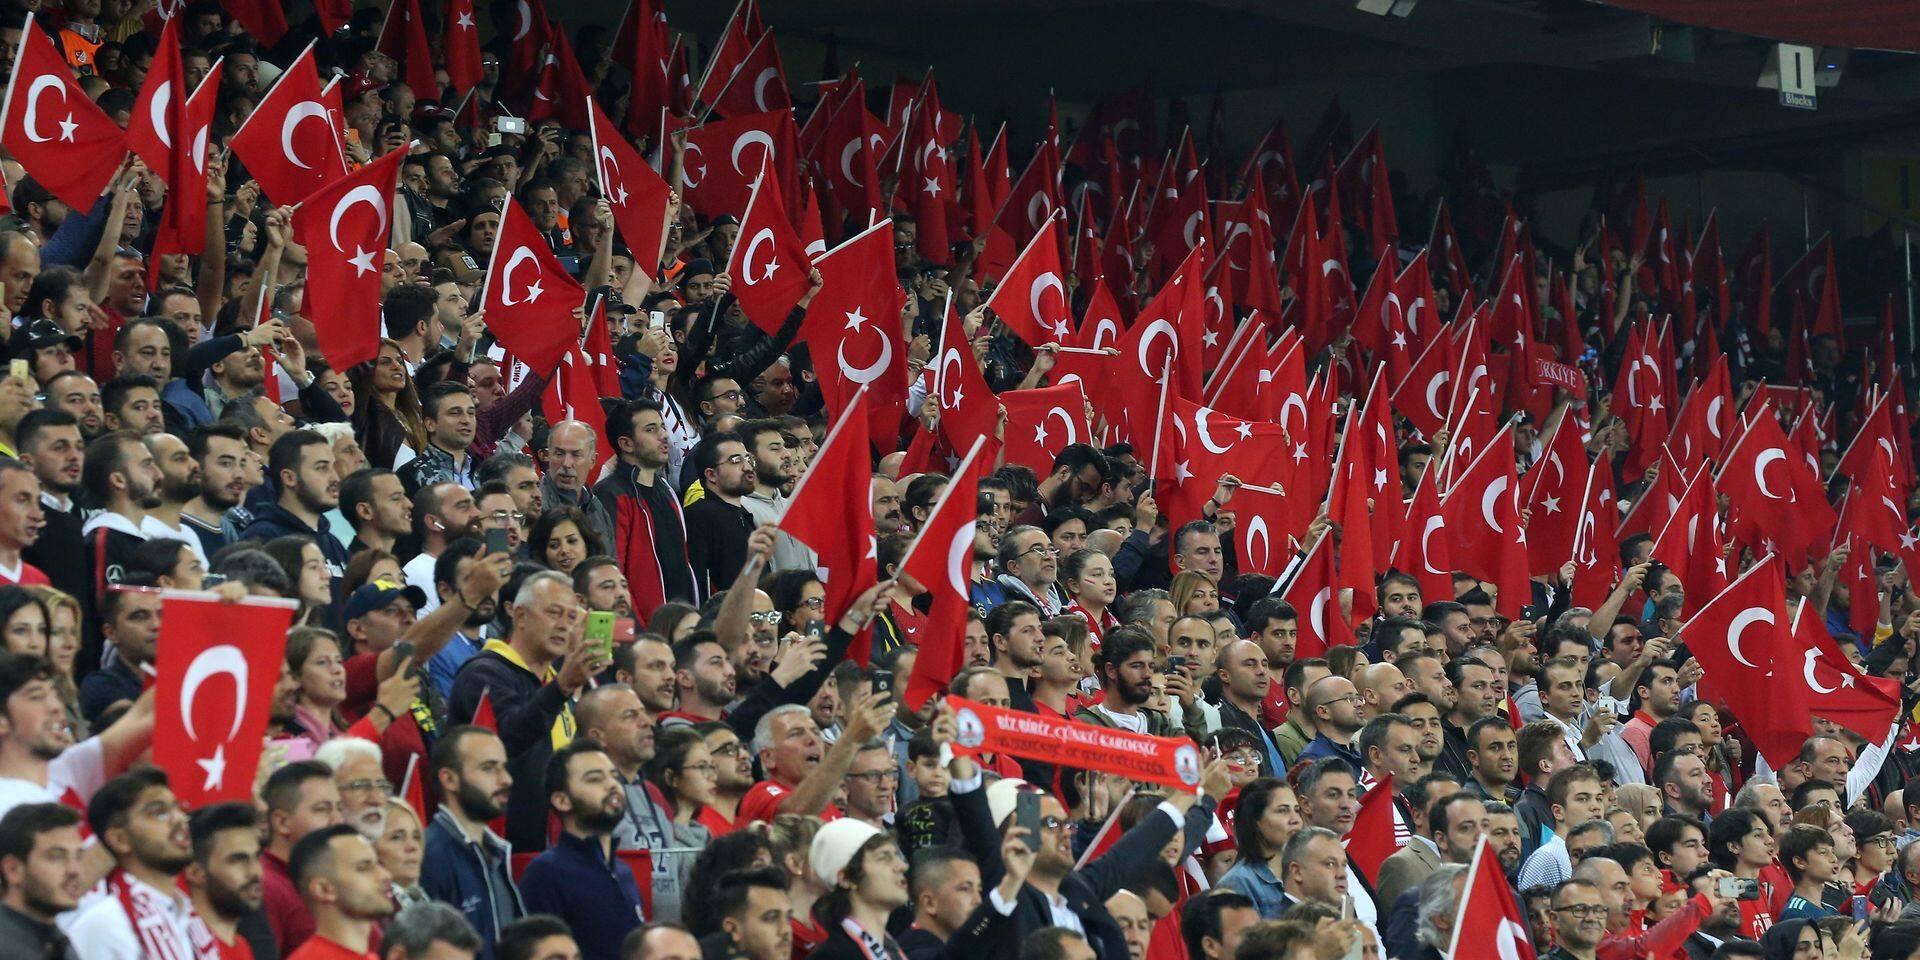 """""""Impensable que des joueurs turcs fassent le salut militaire en France"""": la rencontre opposant la France et la Turquie sous très haute tension"""